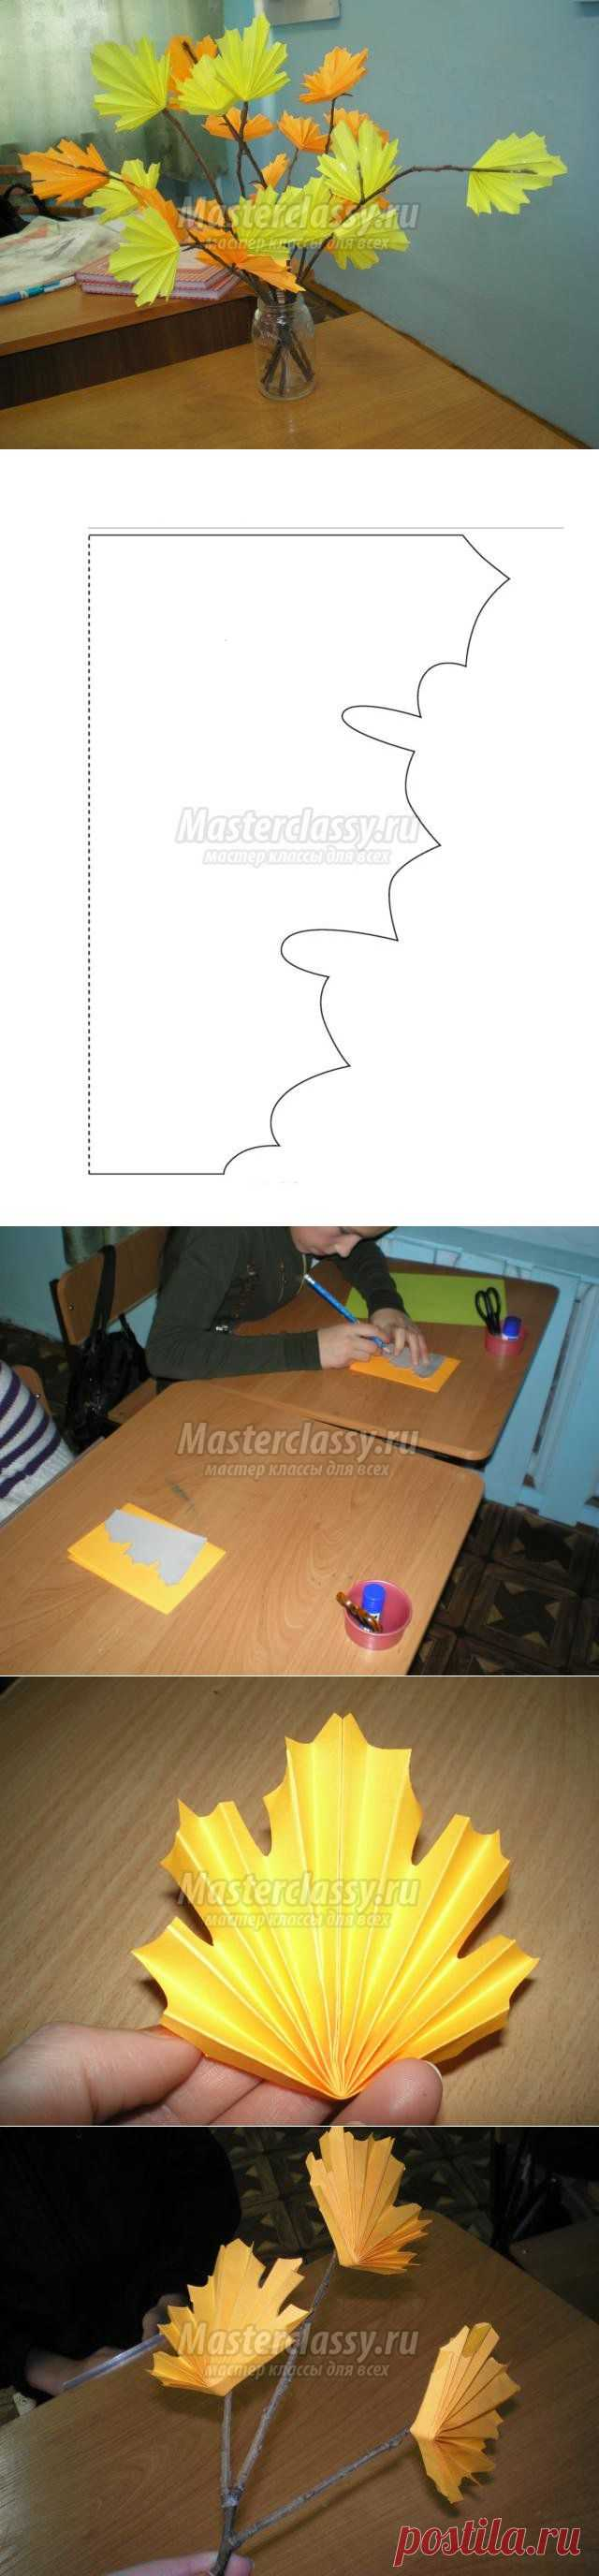 Букет из кленовых листьев в технике киригами.  Мастер-класс с пошаговыми фото